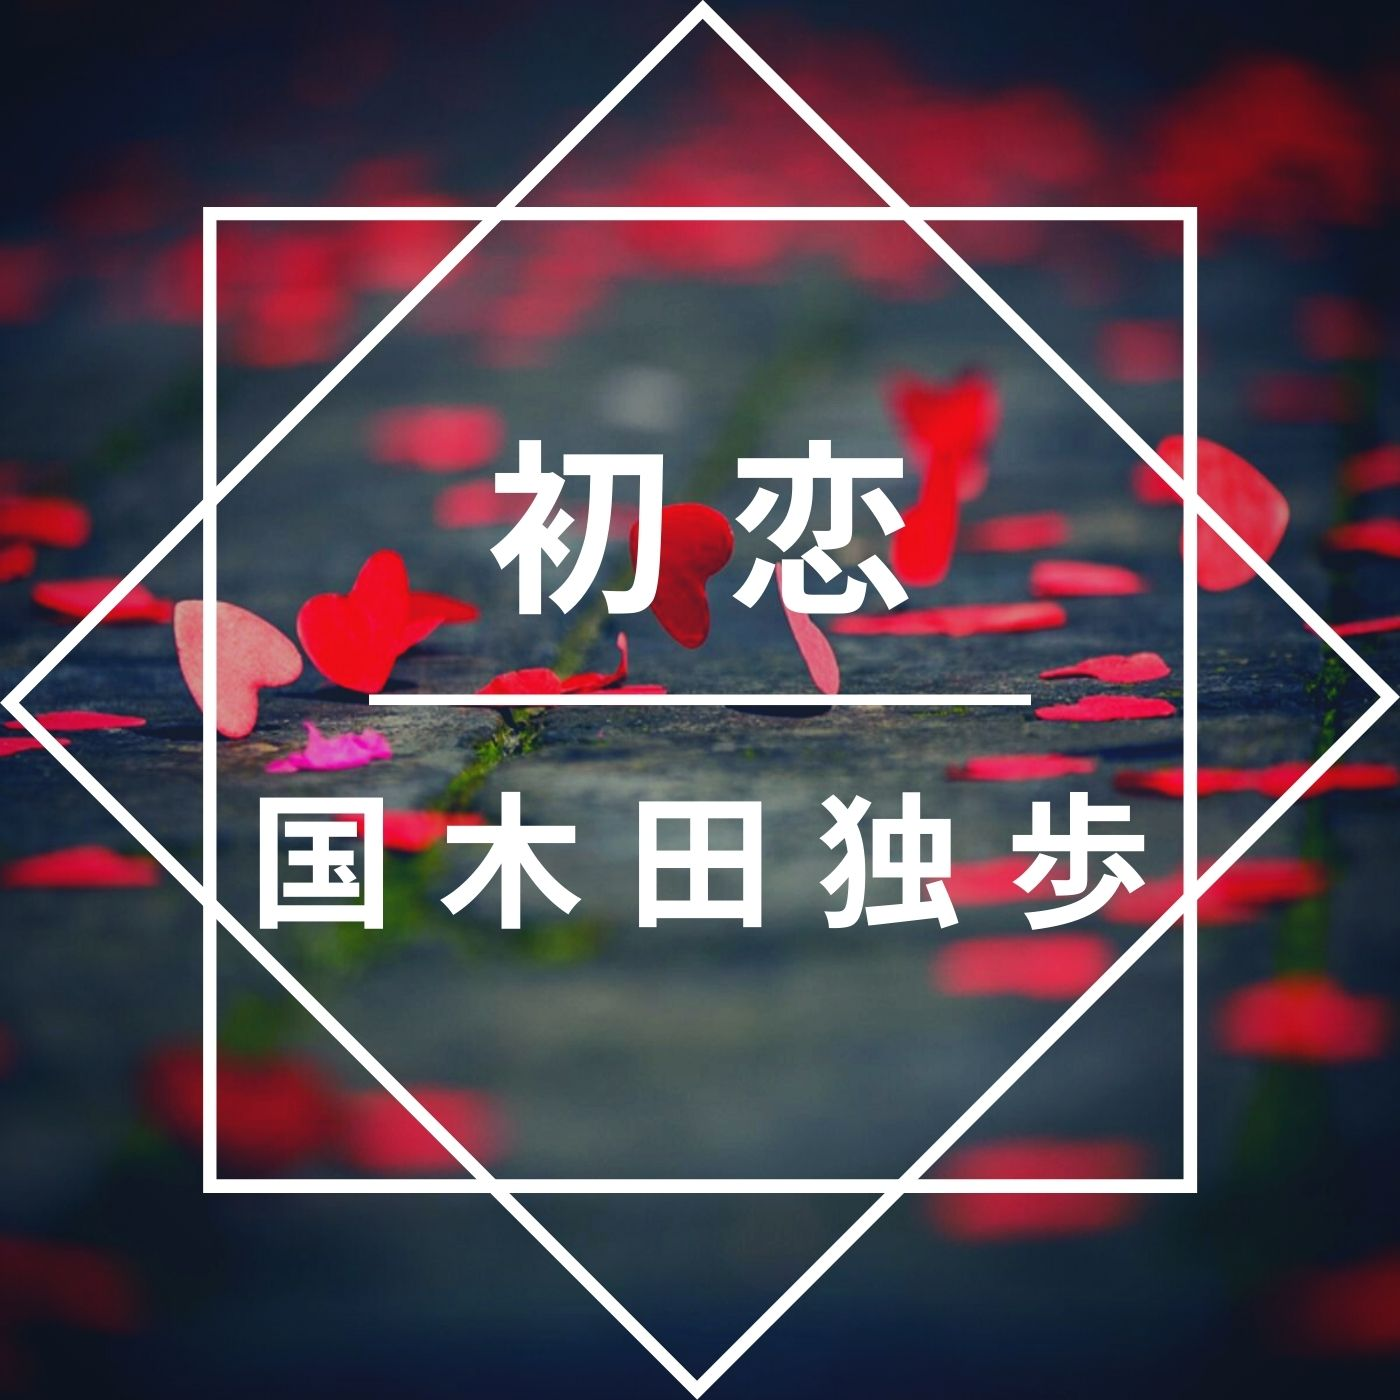 初恋 国木田独歩